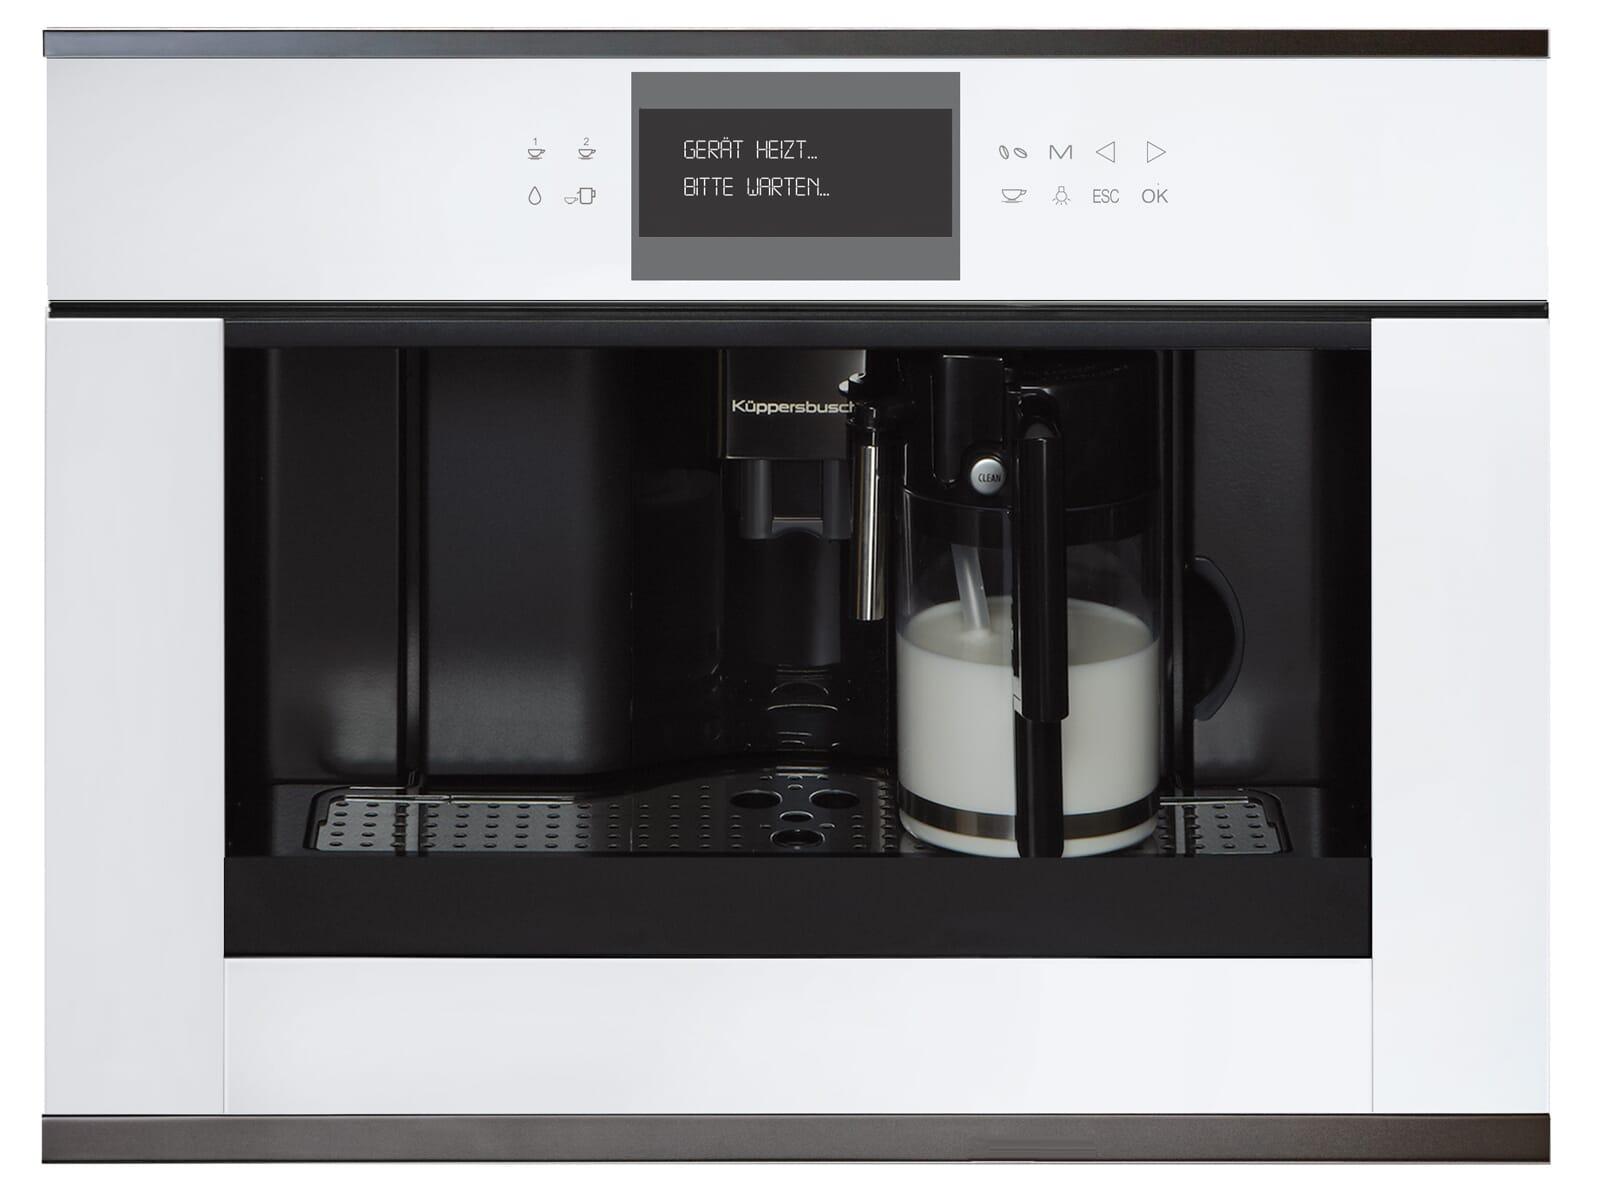 Küppersbusch CKV 6550.0 W2 K-Series. 5 Einbau-Espresso-/Kaffeevollautomat Weiß/Black Chrome